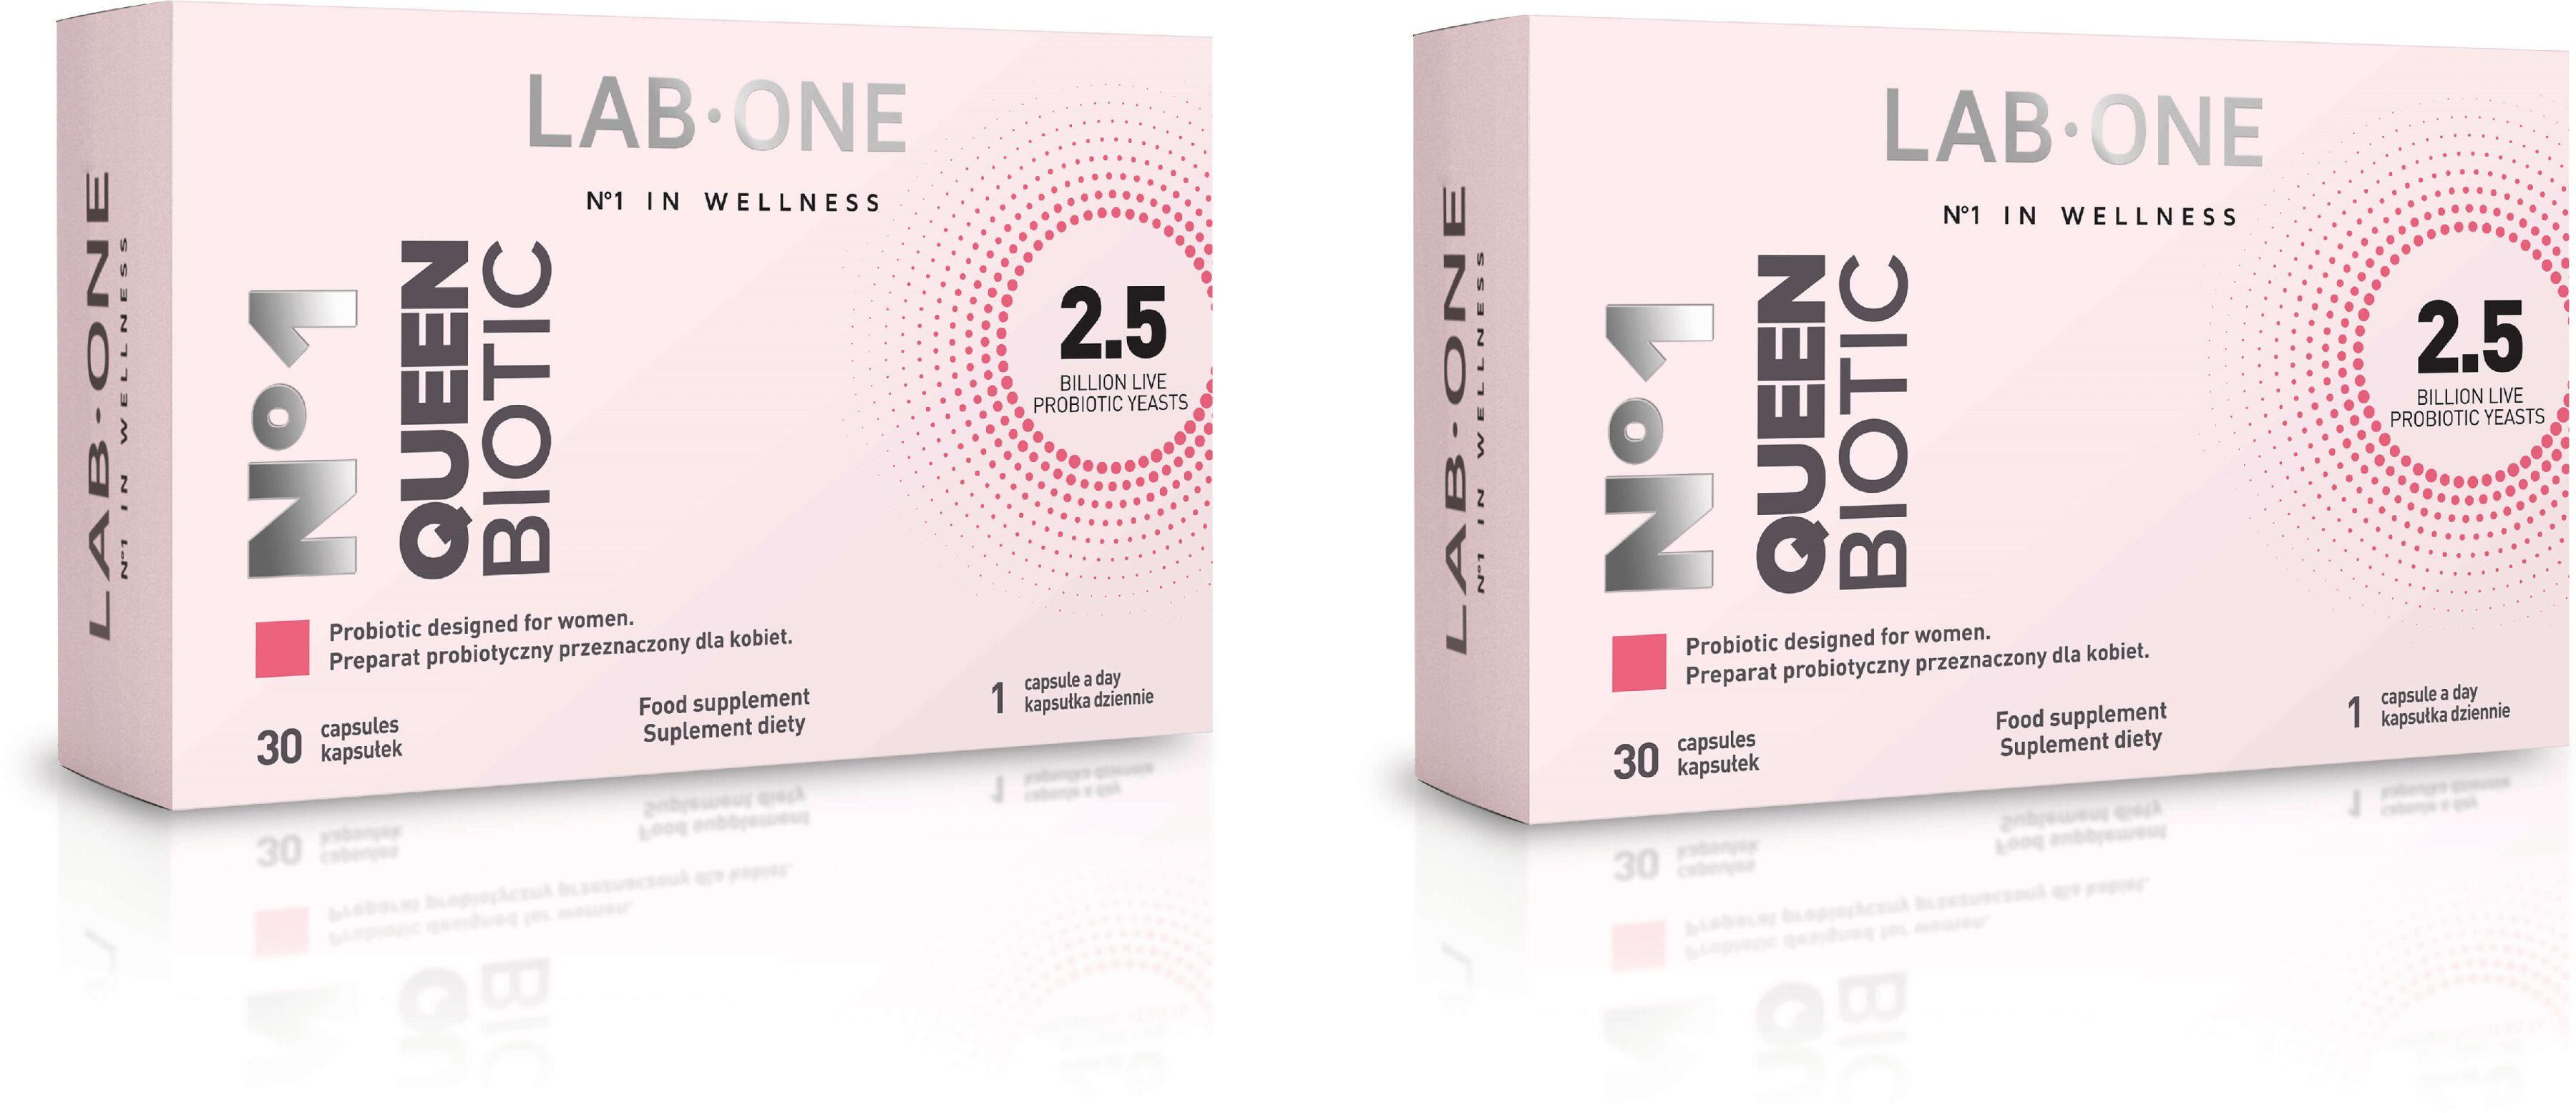 LAB ONE N1 QueenBiotic (Probiotyk dla Kobiet) 2 x 30 Kapsułek